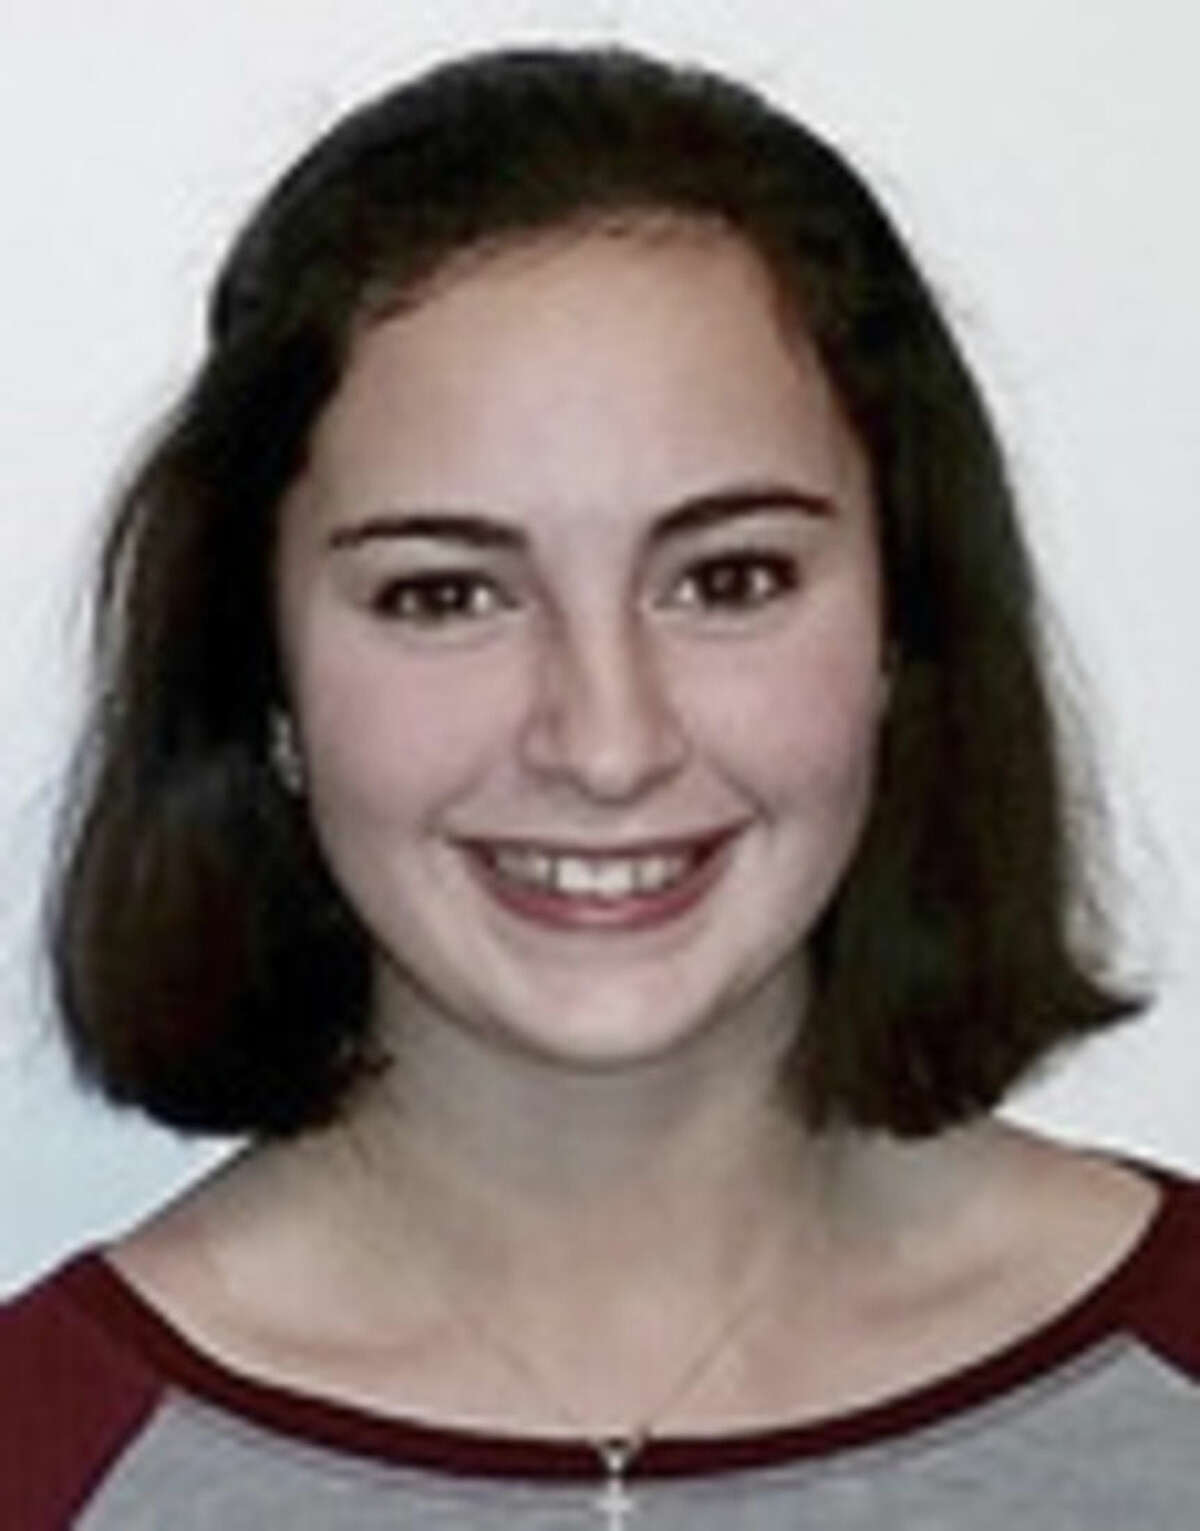 Alexis Morelli